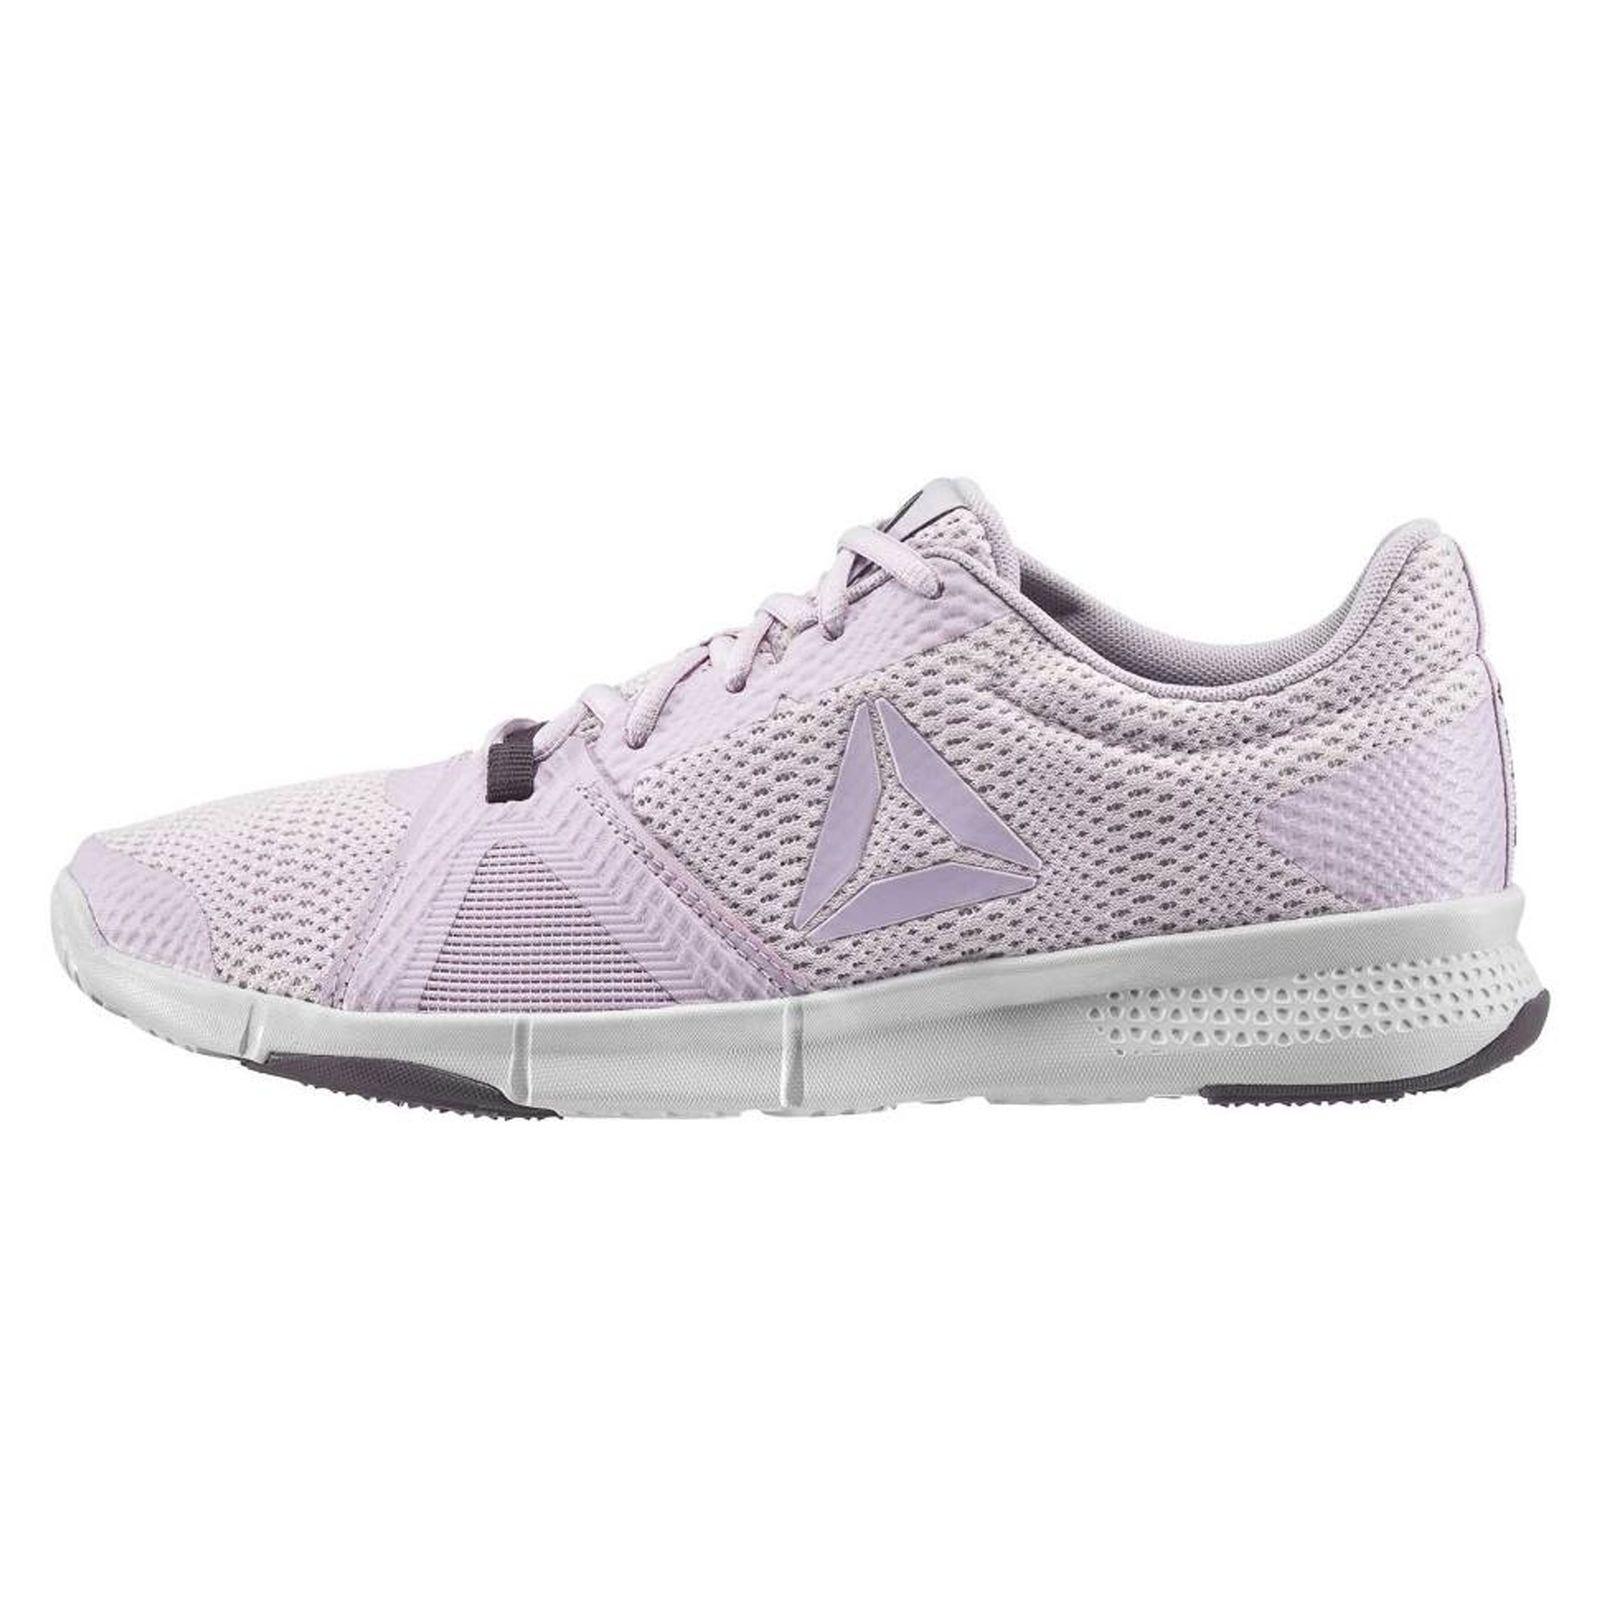 کفش تمرین بندی زنانه Flexile - ریباک - صورتی - 2